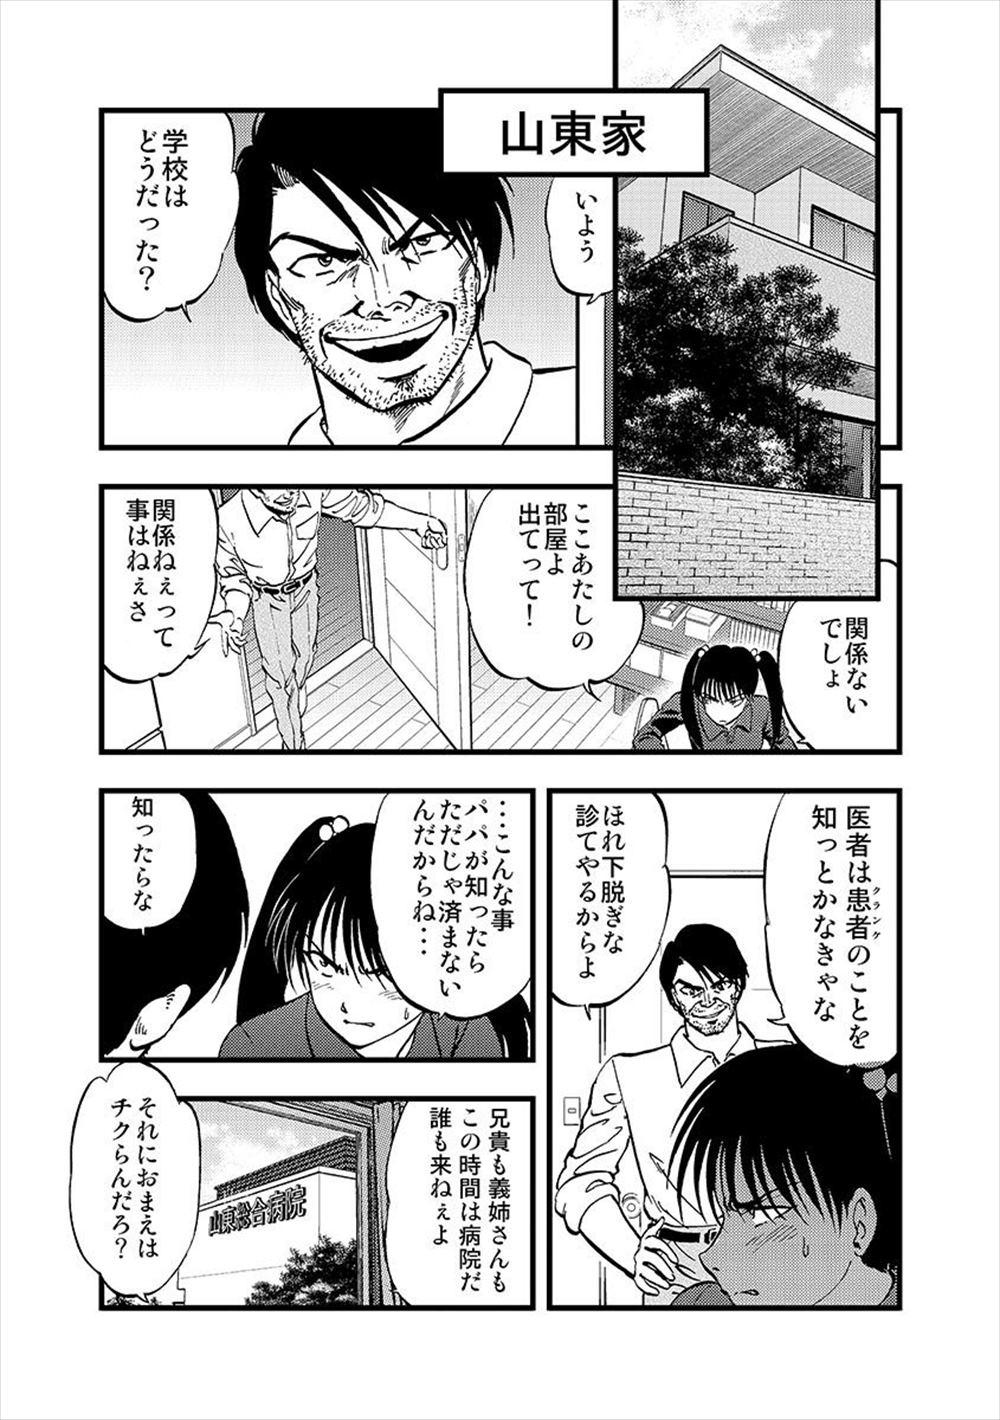 【エロ漫画】クリ剥き出し手術を受けたJKがクンニだけで潮吹き絶頂www